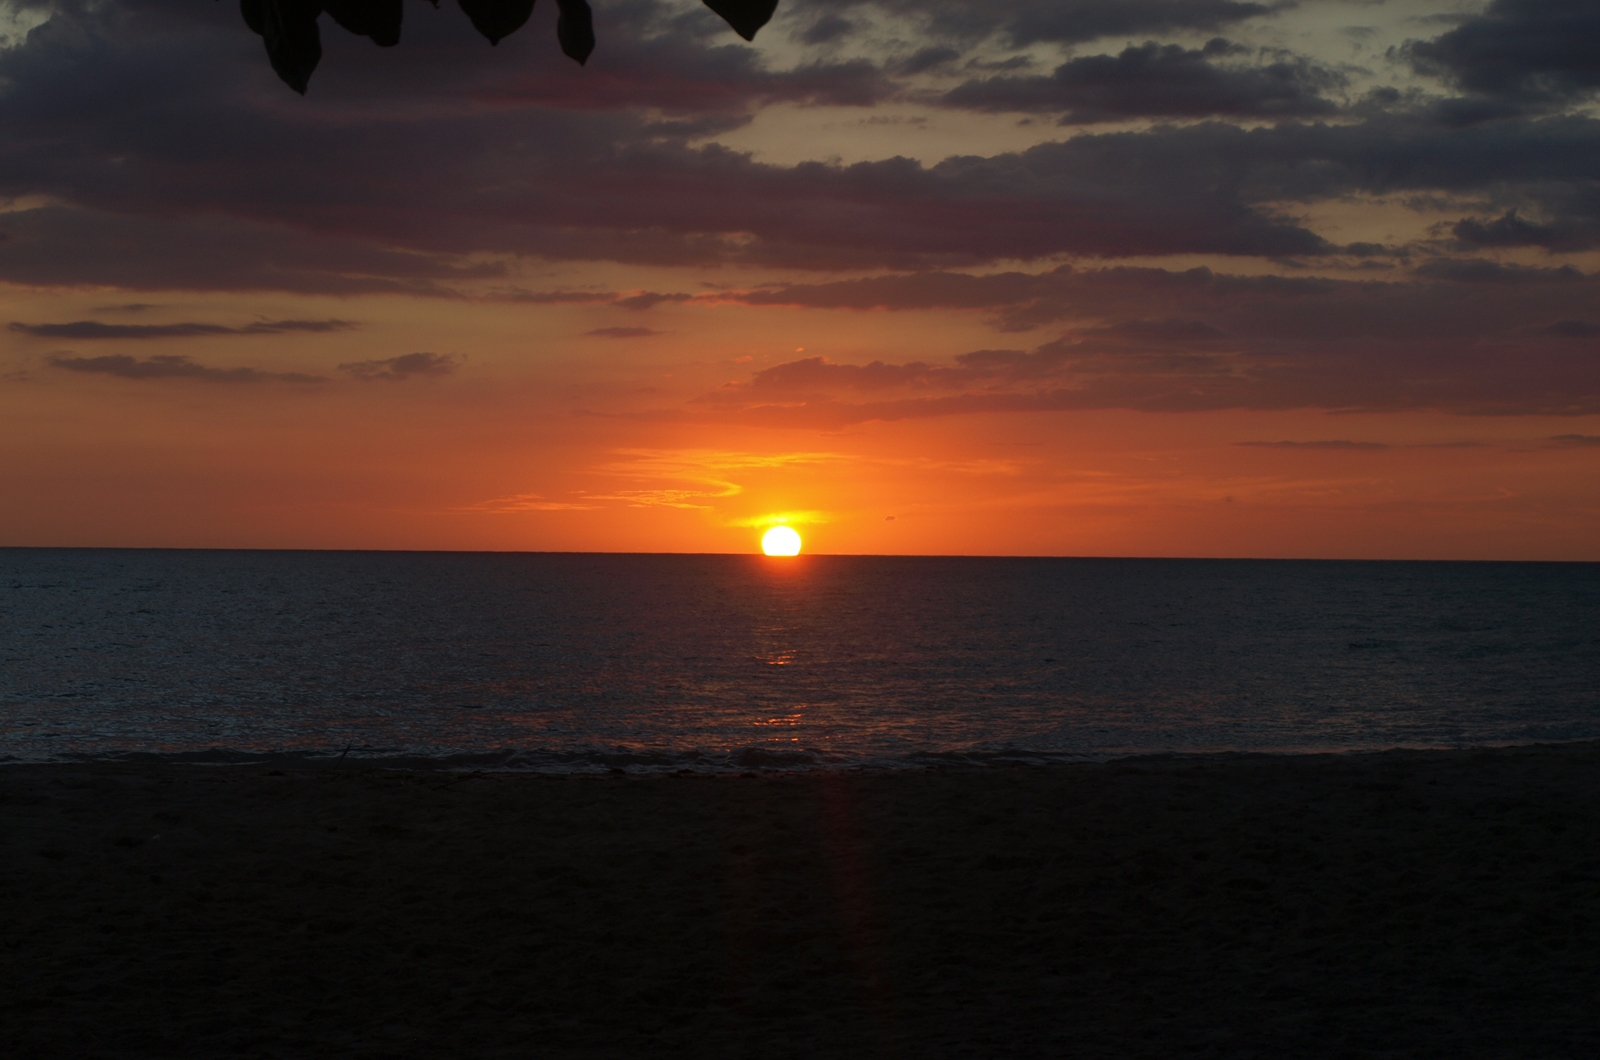 Sunset in Port Salut